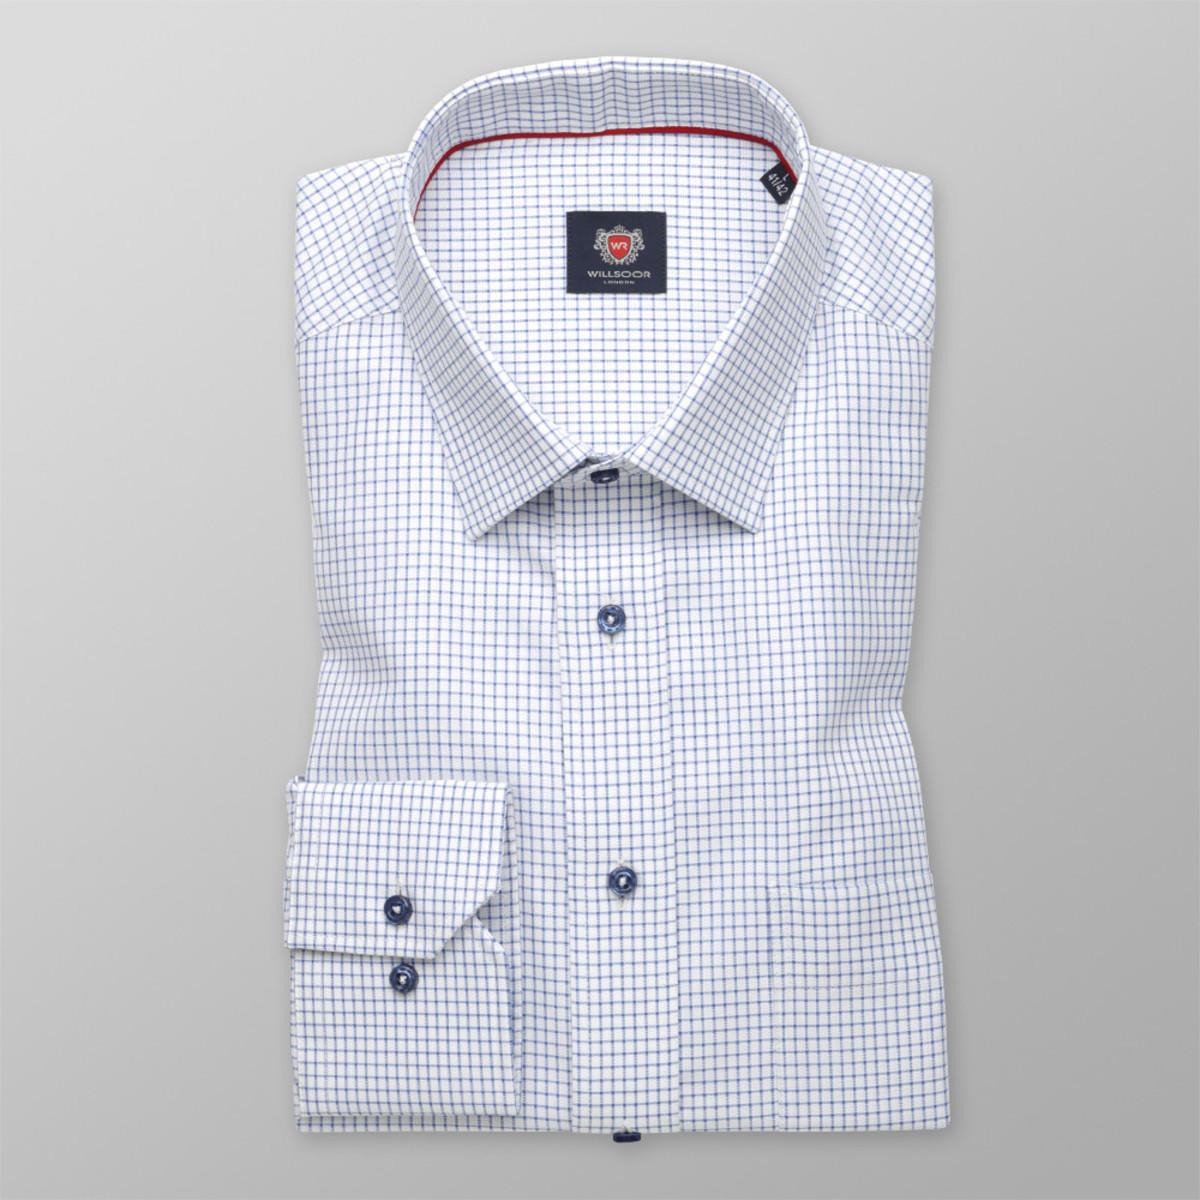 Košile London s kostkovaným vzorem (výška 164-170) 9896 164-170 / L (41/42)